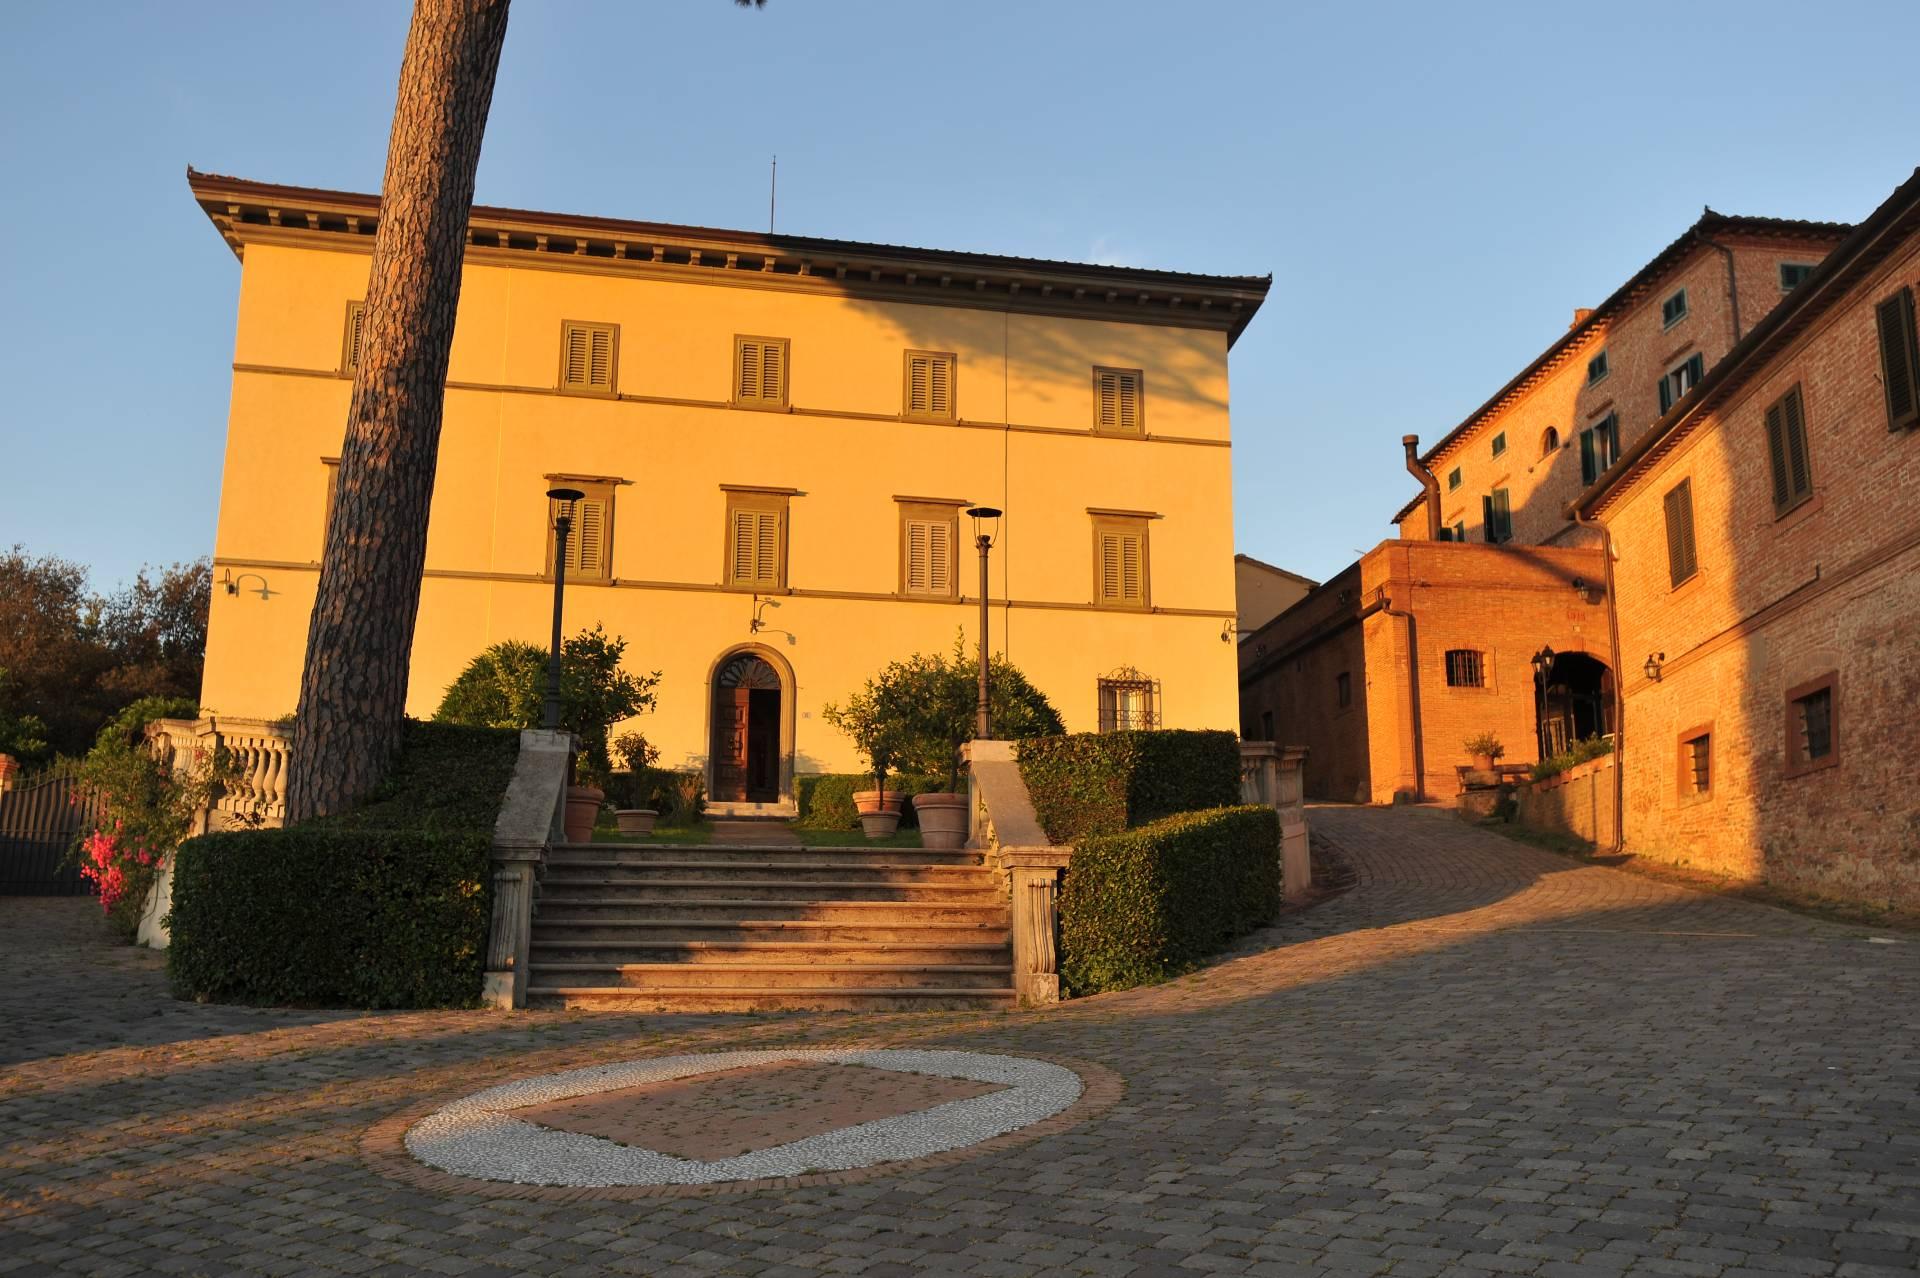 Appartamento in affitto a San Miniato, 2 locali, zona Località: BuccianoBalconevisi, prezzo € 450 | Cambio Casa.it